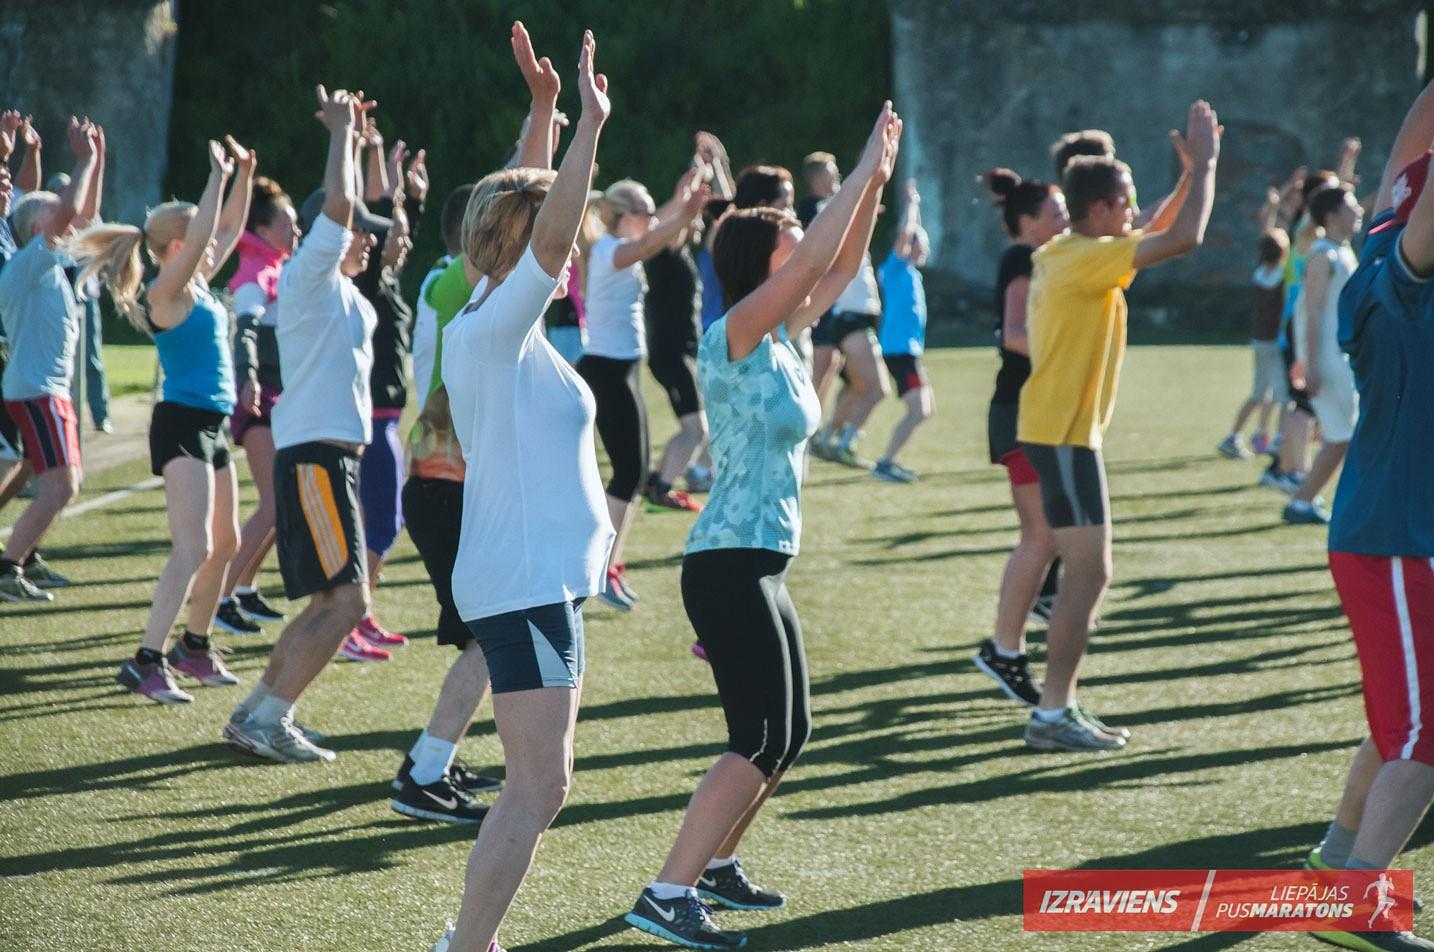 Ar skriešanas un izturības vingrinājumiem turpinās gatavoties Liepājas pusmaratonam